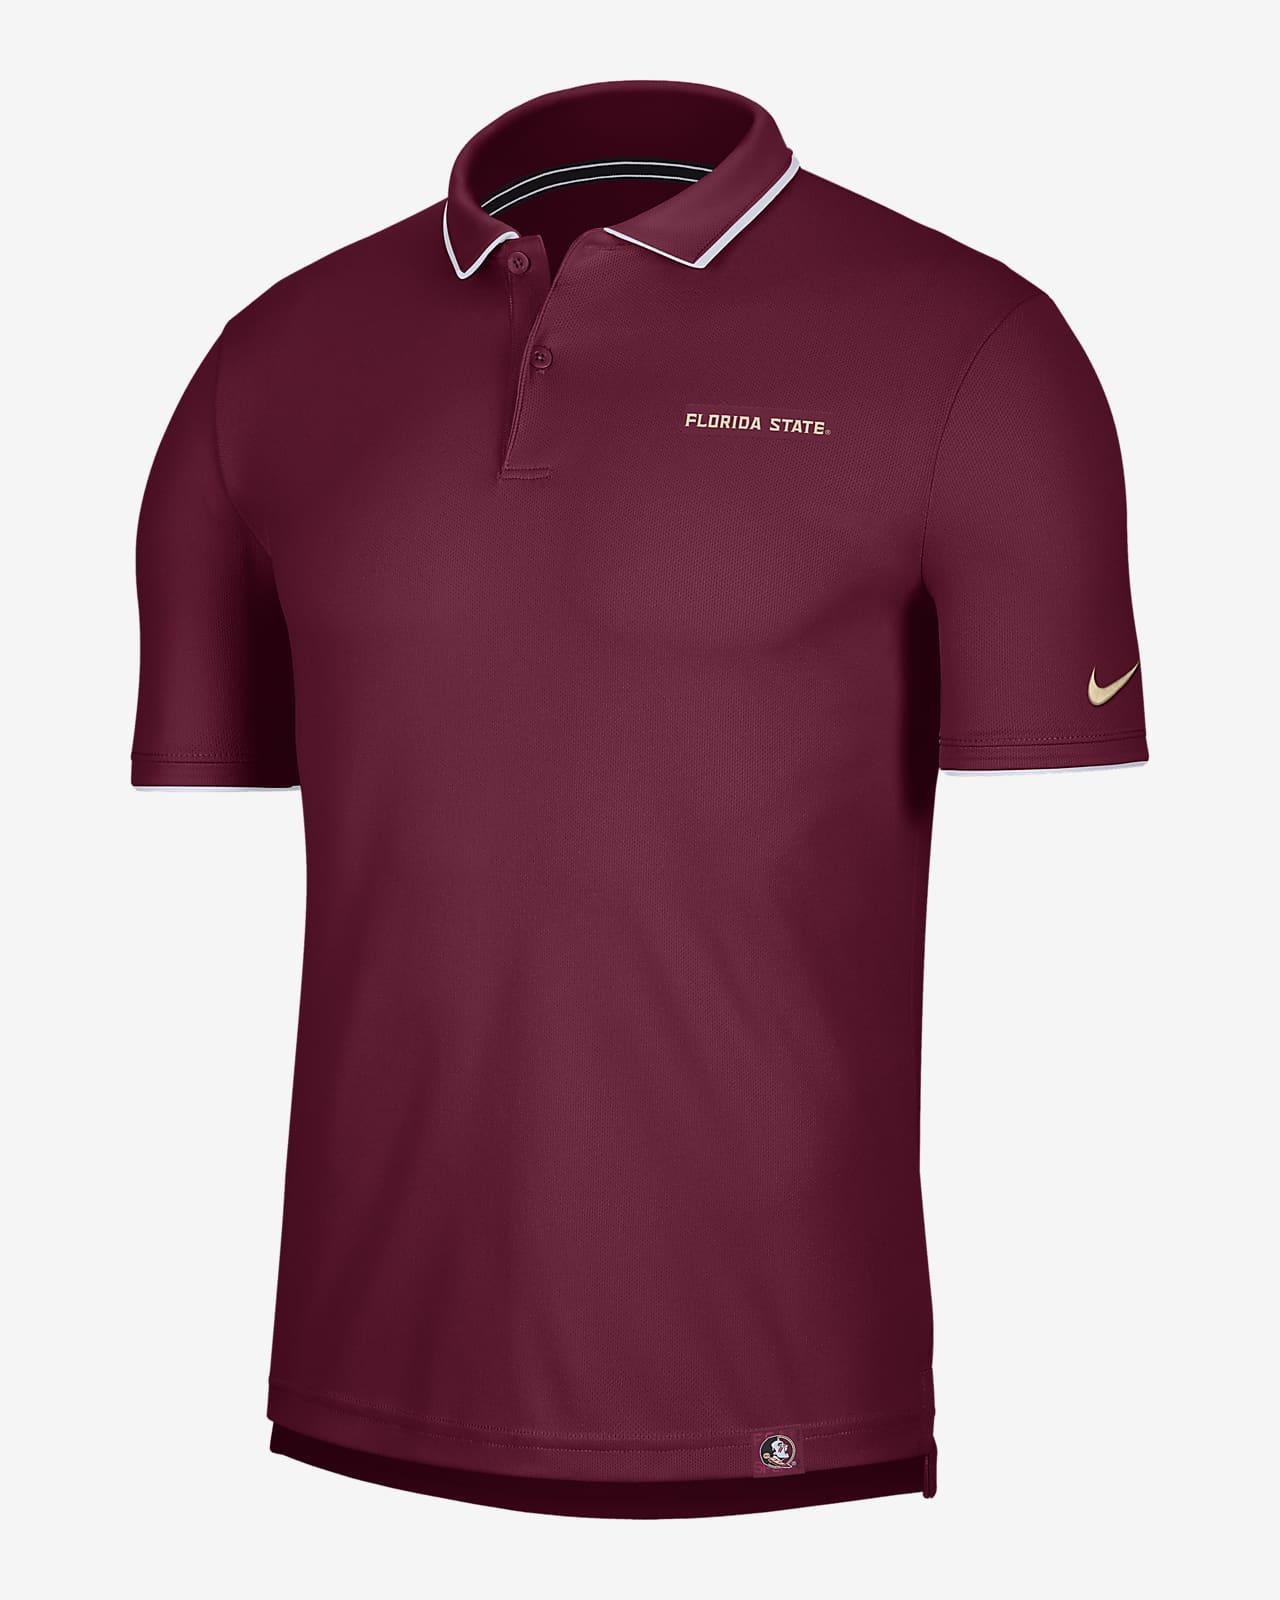 Nike College Dri-FIT (Florida State) Men's UV Polo